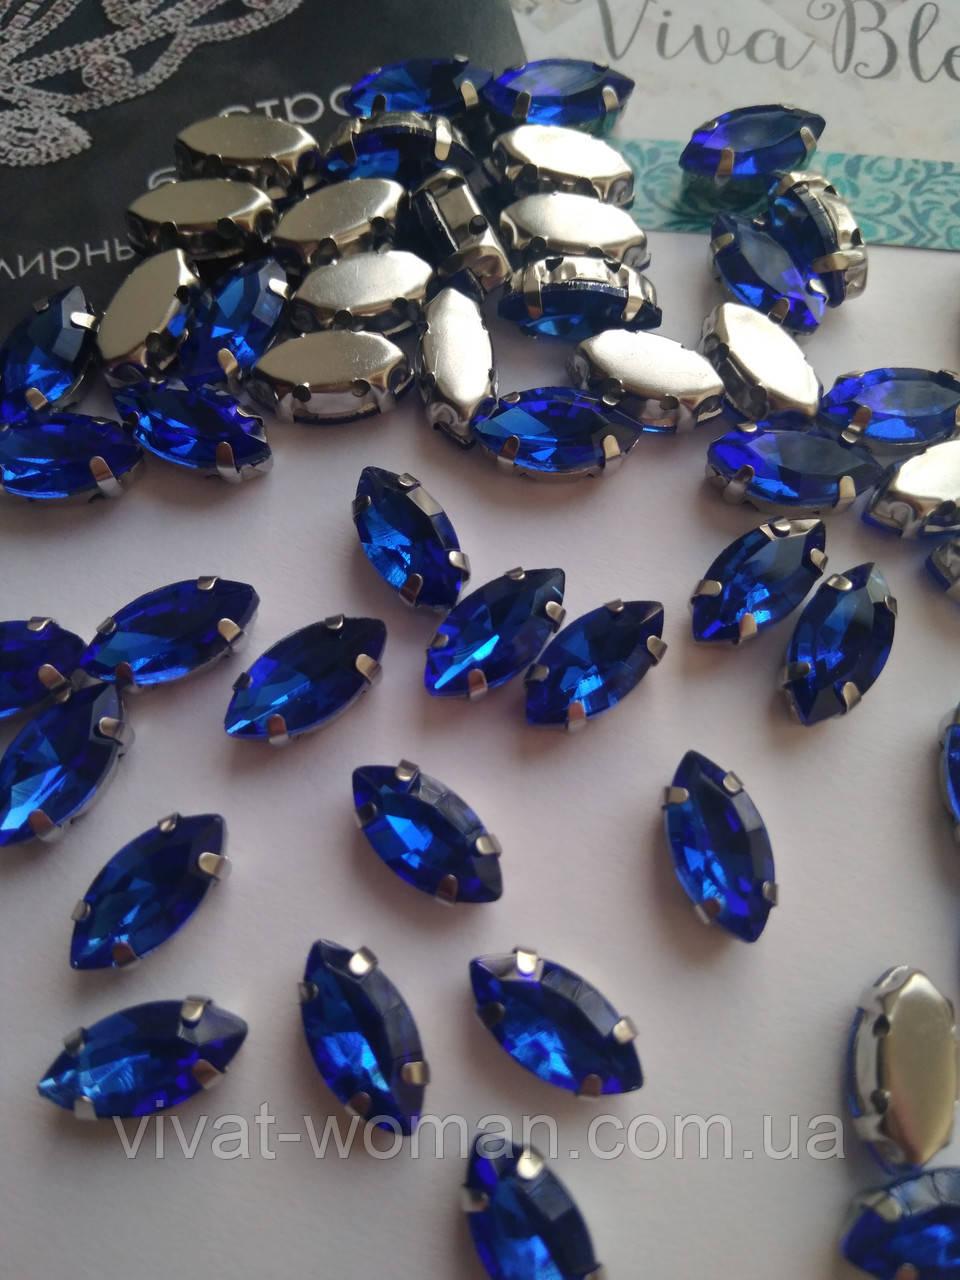 Стразы в цапах, Лодочка 5х10 мм, Sapphire, стекло, серебряная оправа. Цена за 1 шт